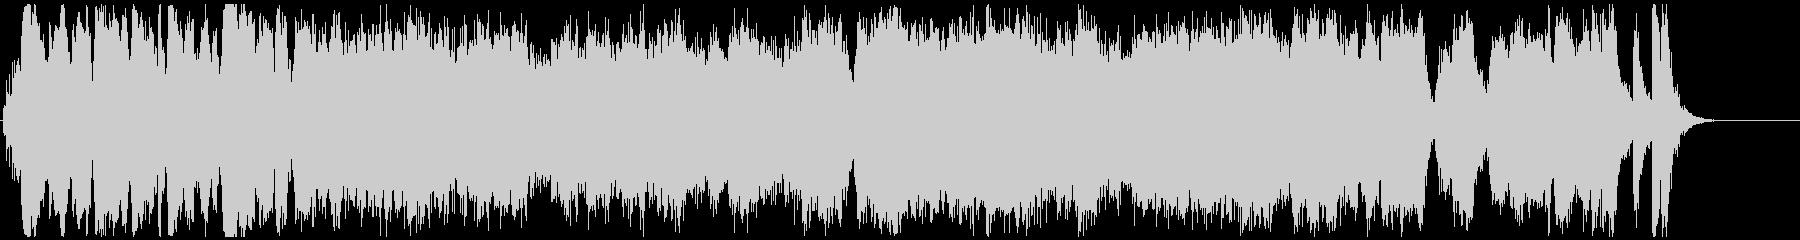 昭和の映画音楽風オーケストラ_typeBの未再生の波形